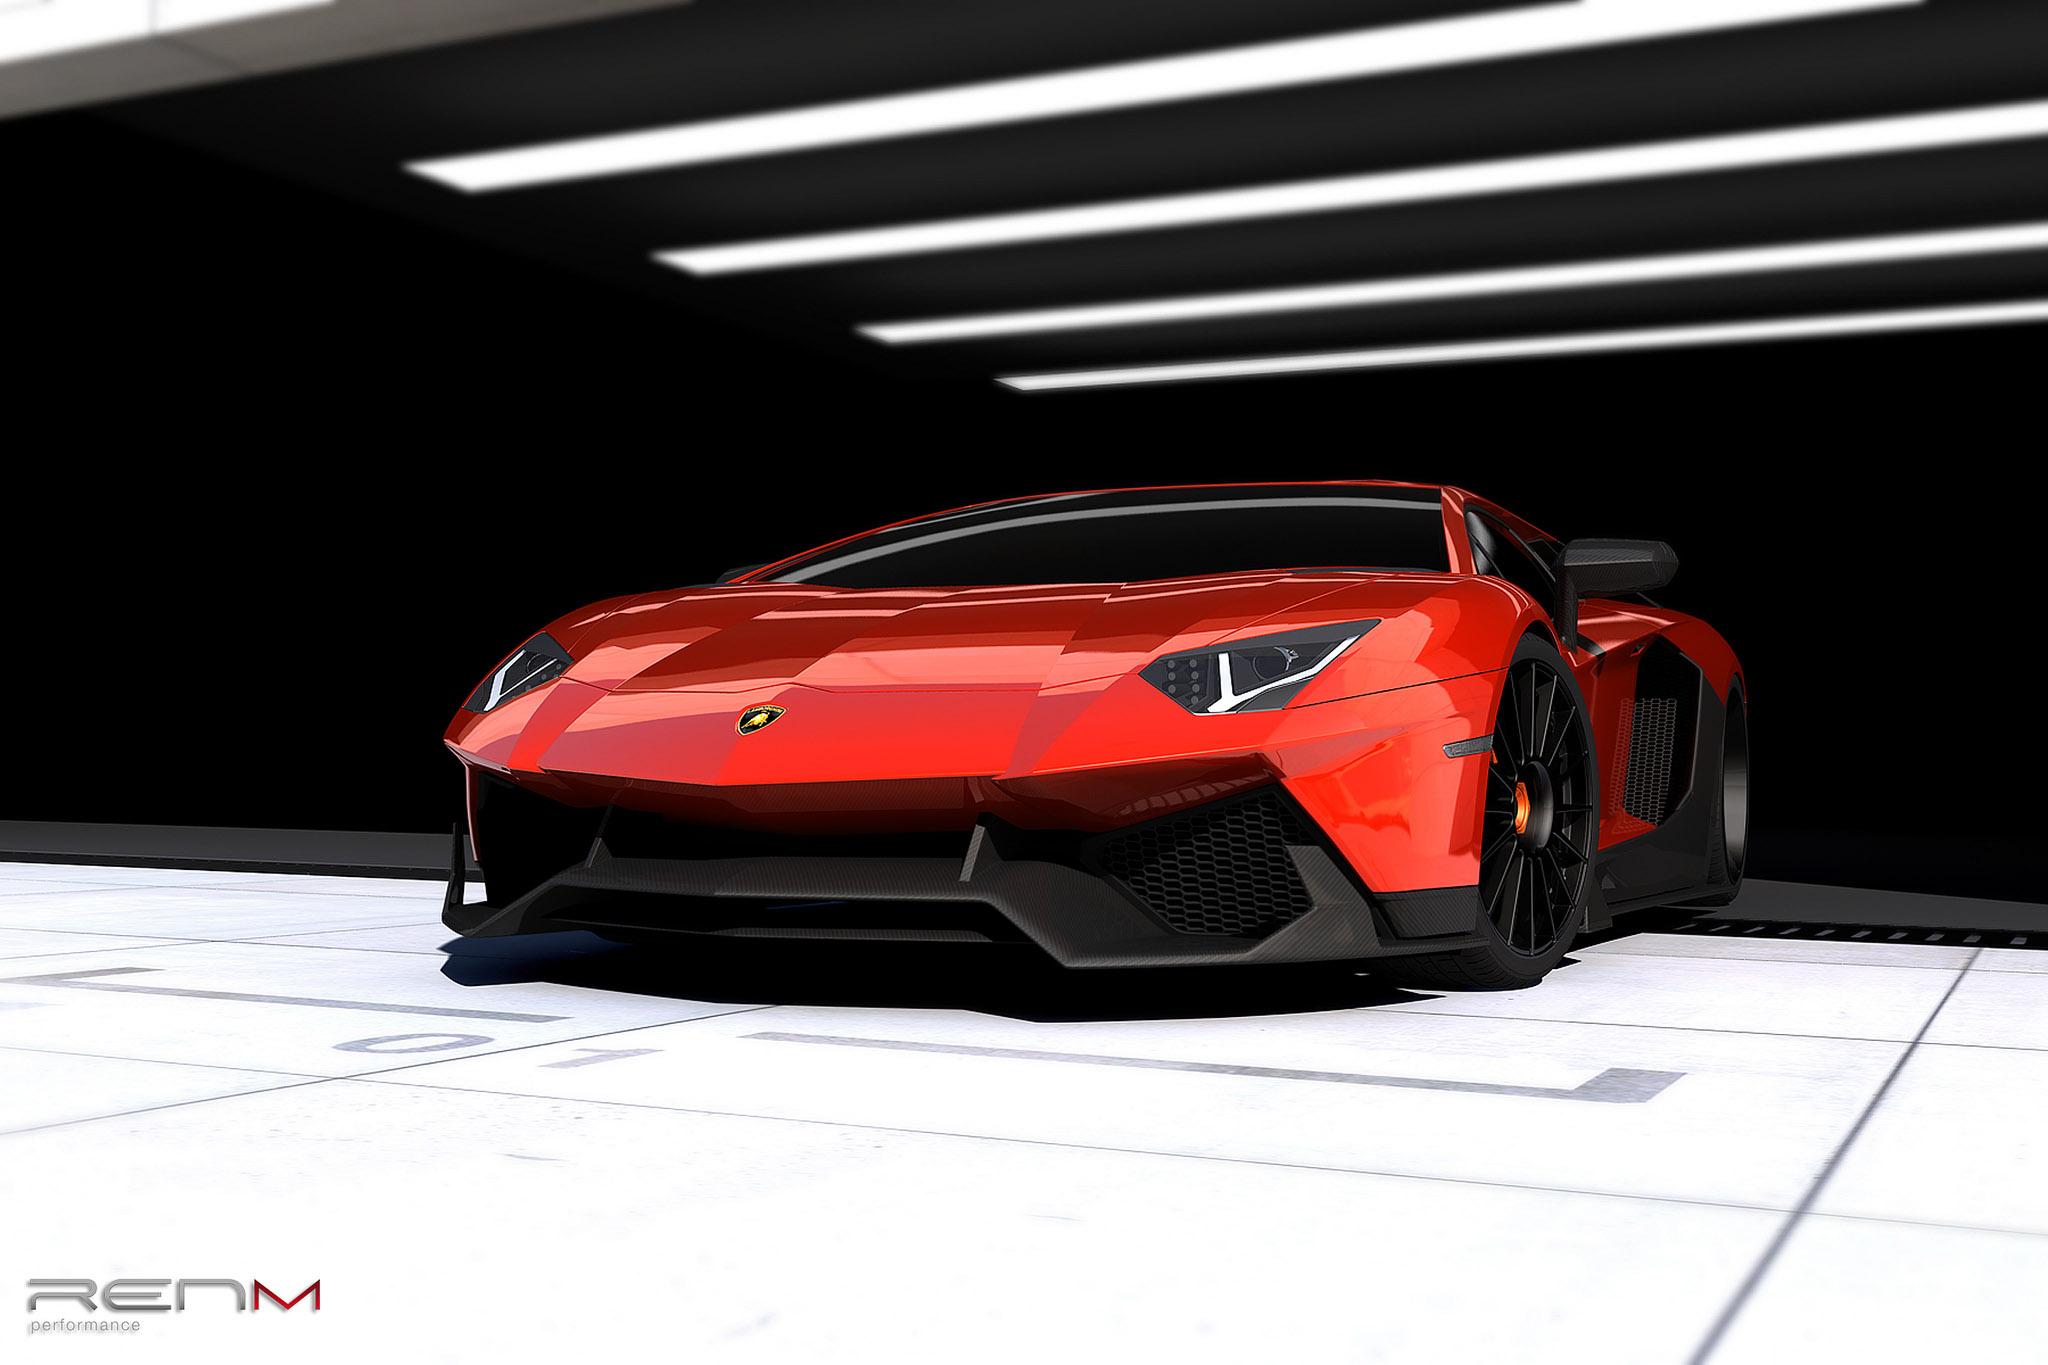 RENM Lamborghini Aventador LE-C - фотография №1